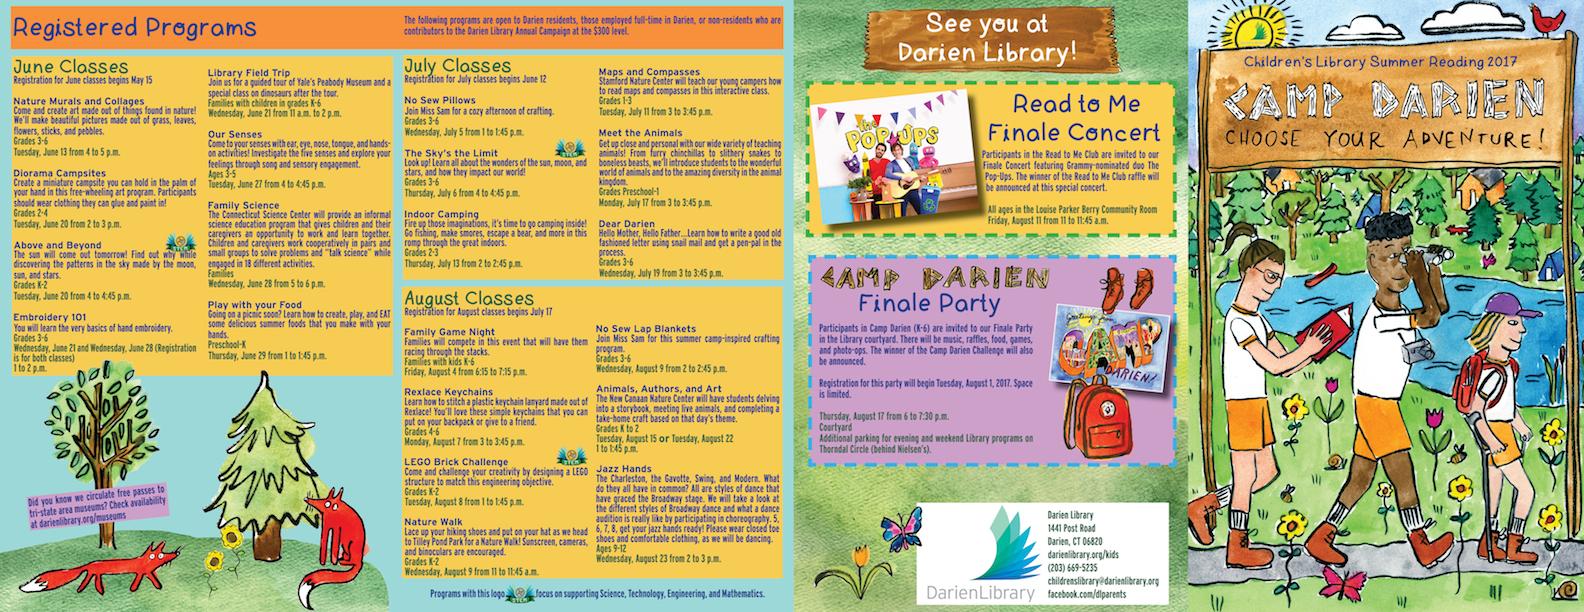 Darien Library Summer Reading 2017 Brochure